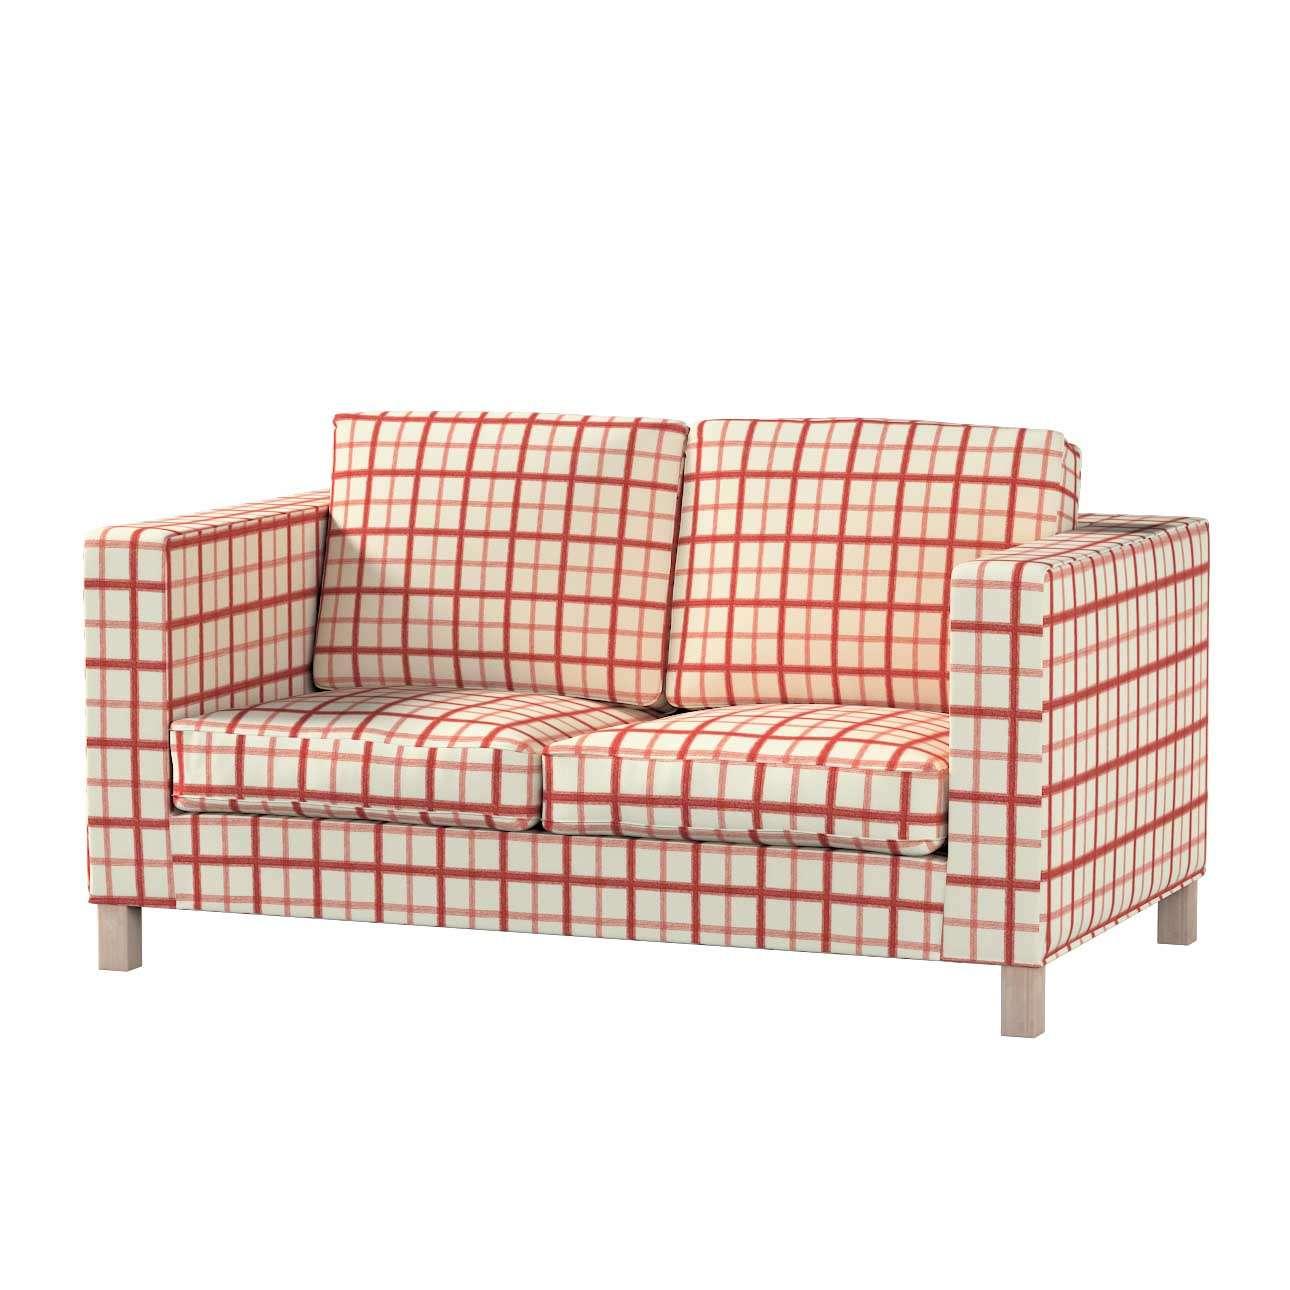 KARLANDA dvivietės sofos užvalkalas KARLANDA dvivietės sofos užvalkalas kolekcijoje Avinon, audinys: 131-15